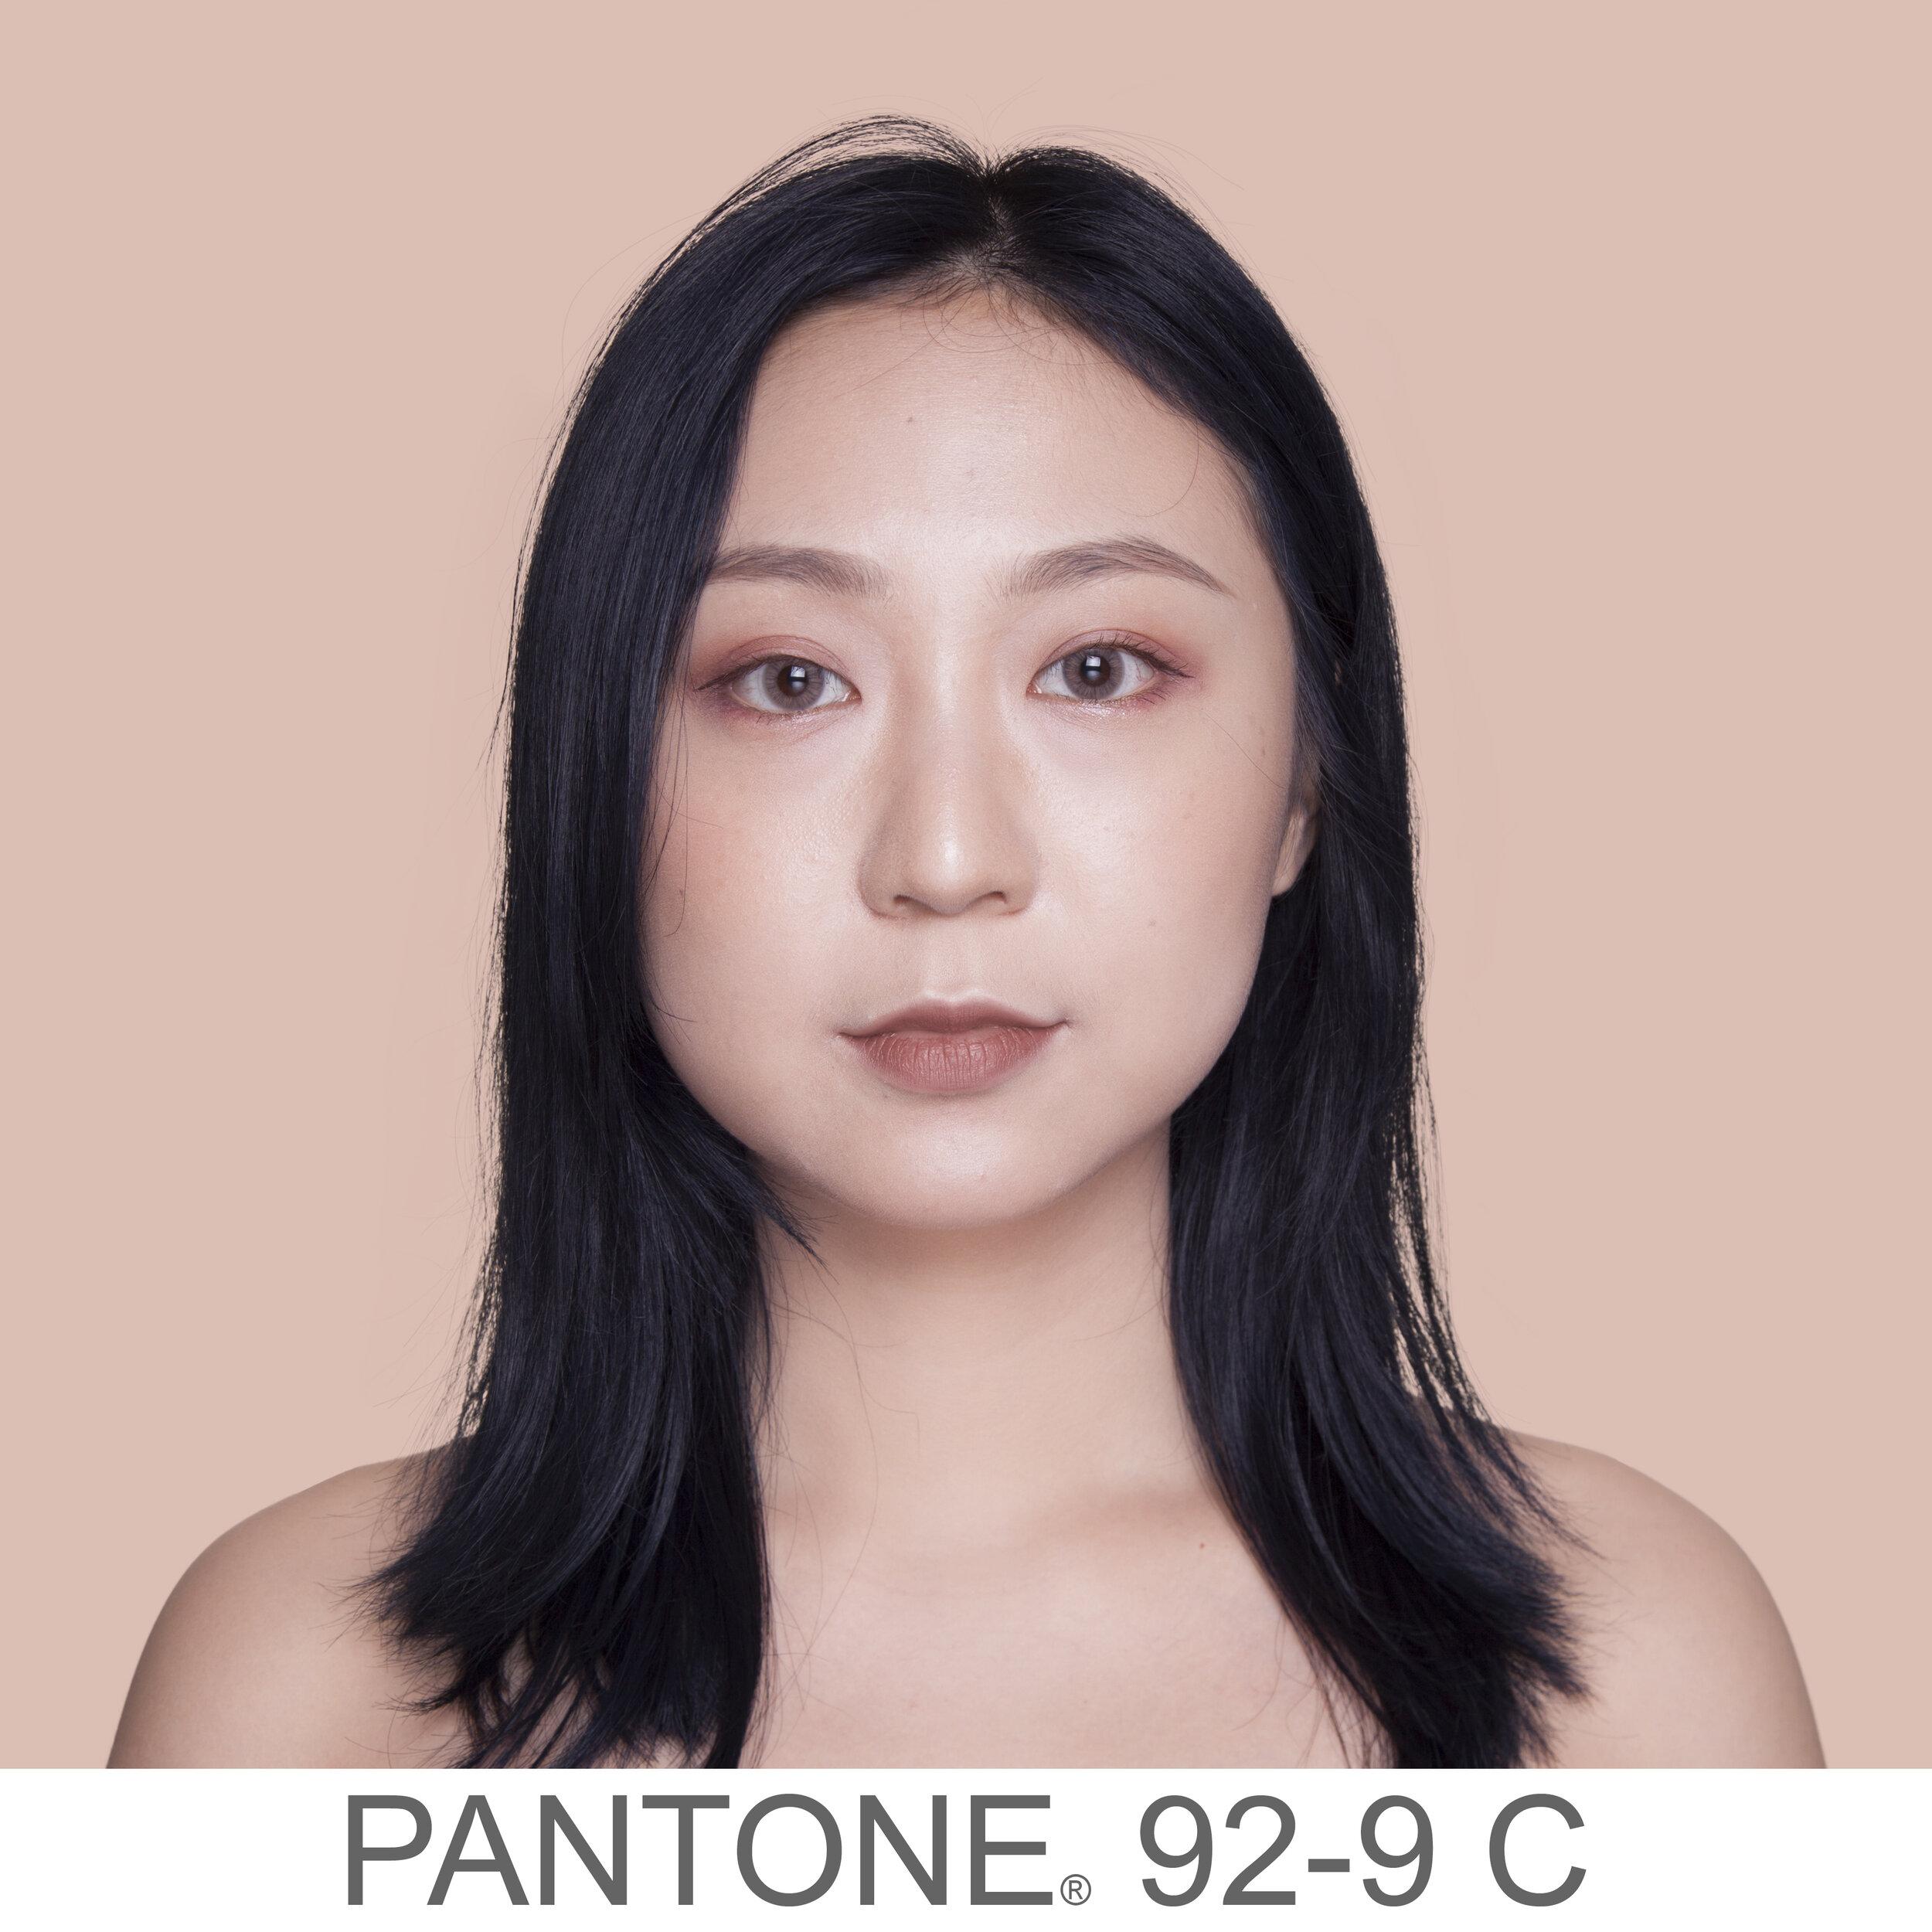 humanae 92-9 C1 CN copia.jpg